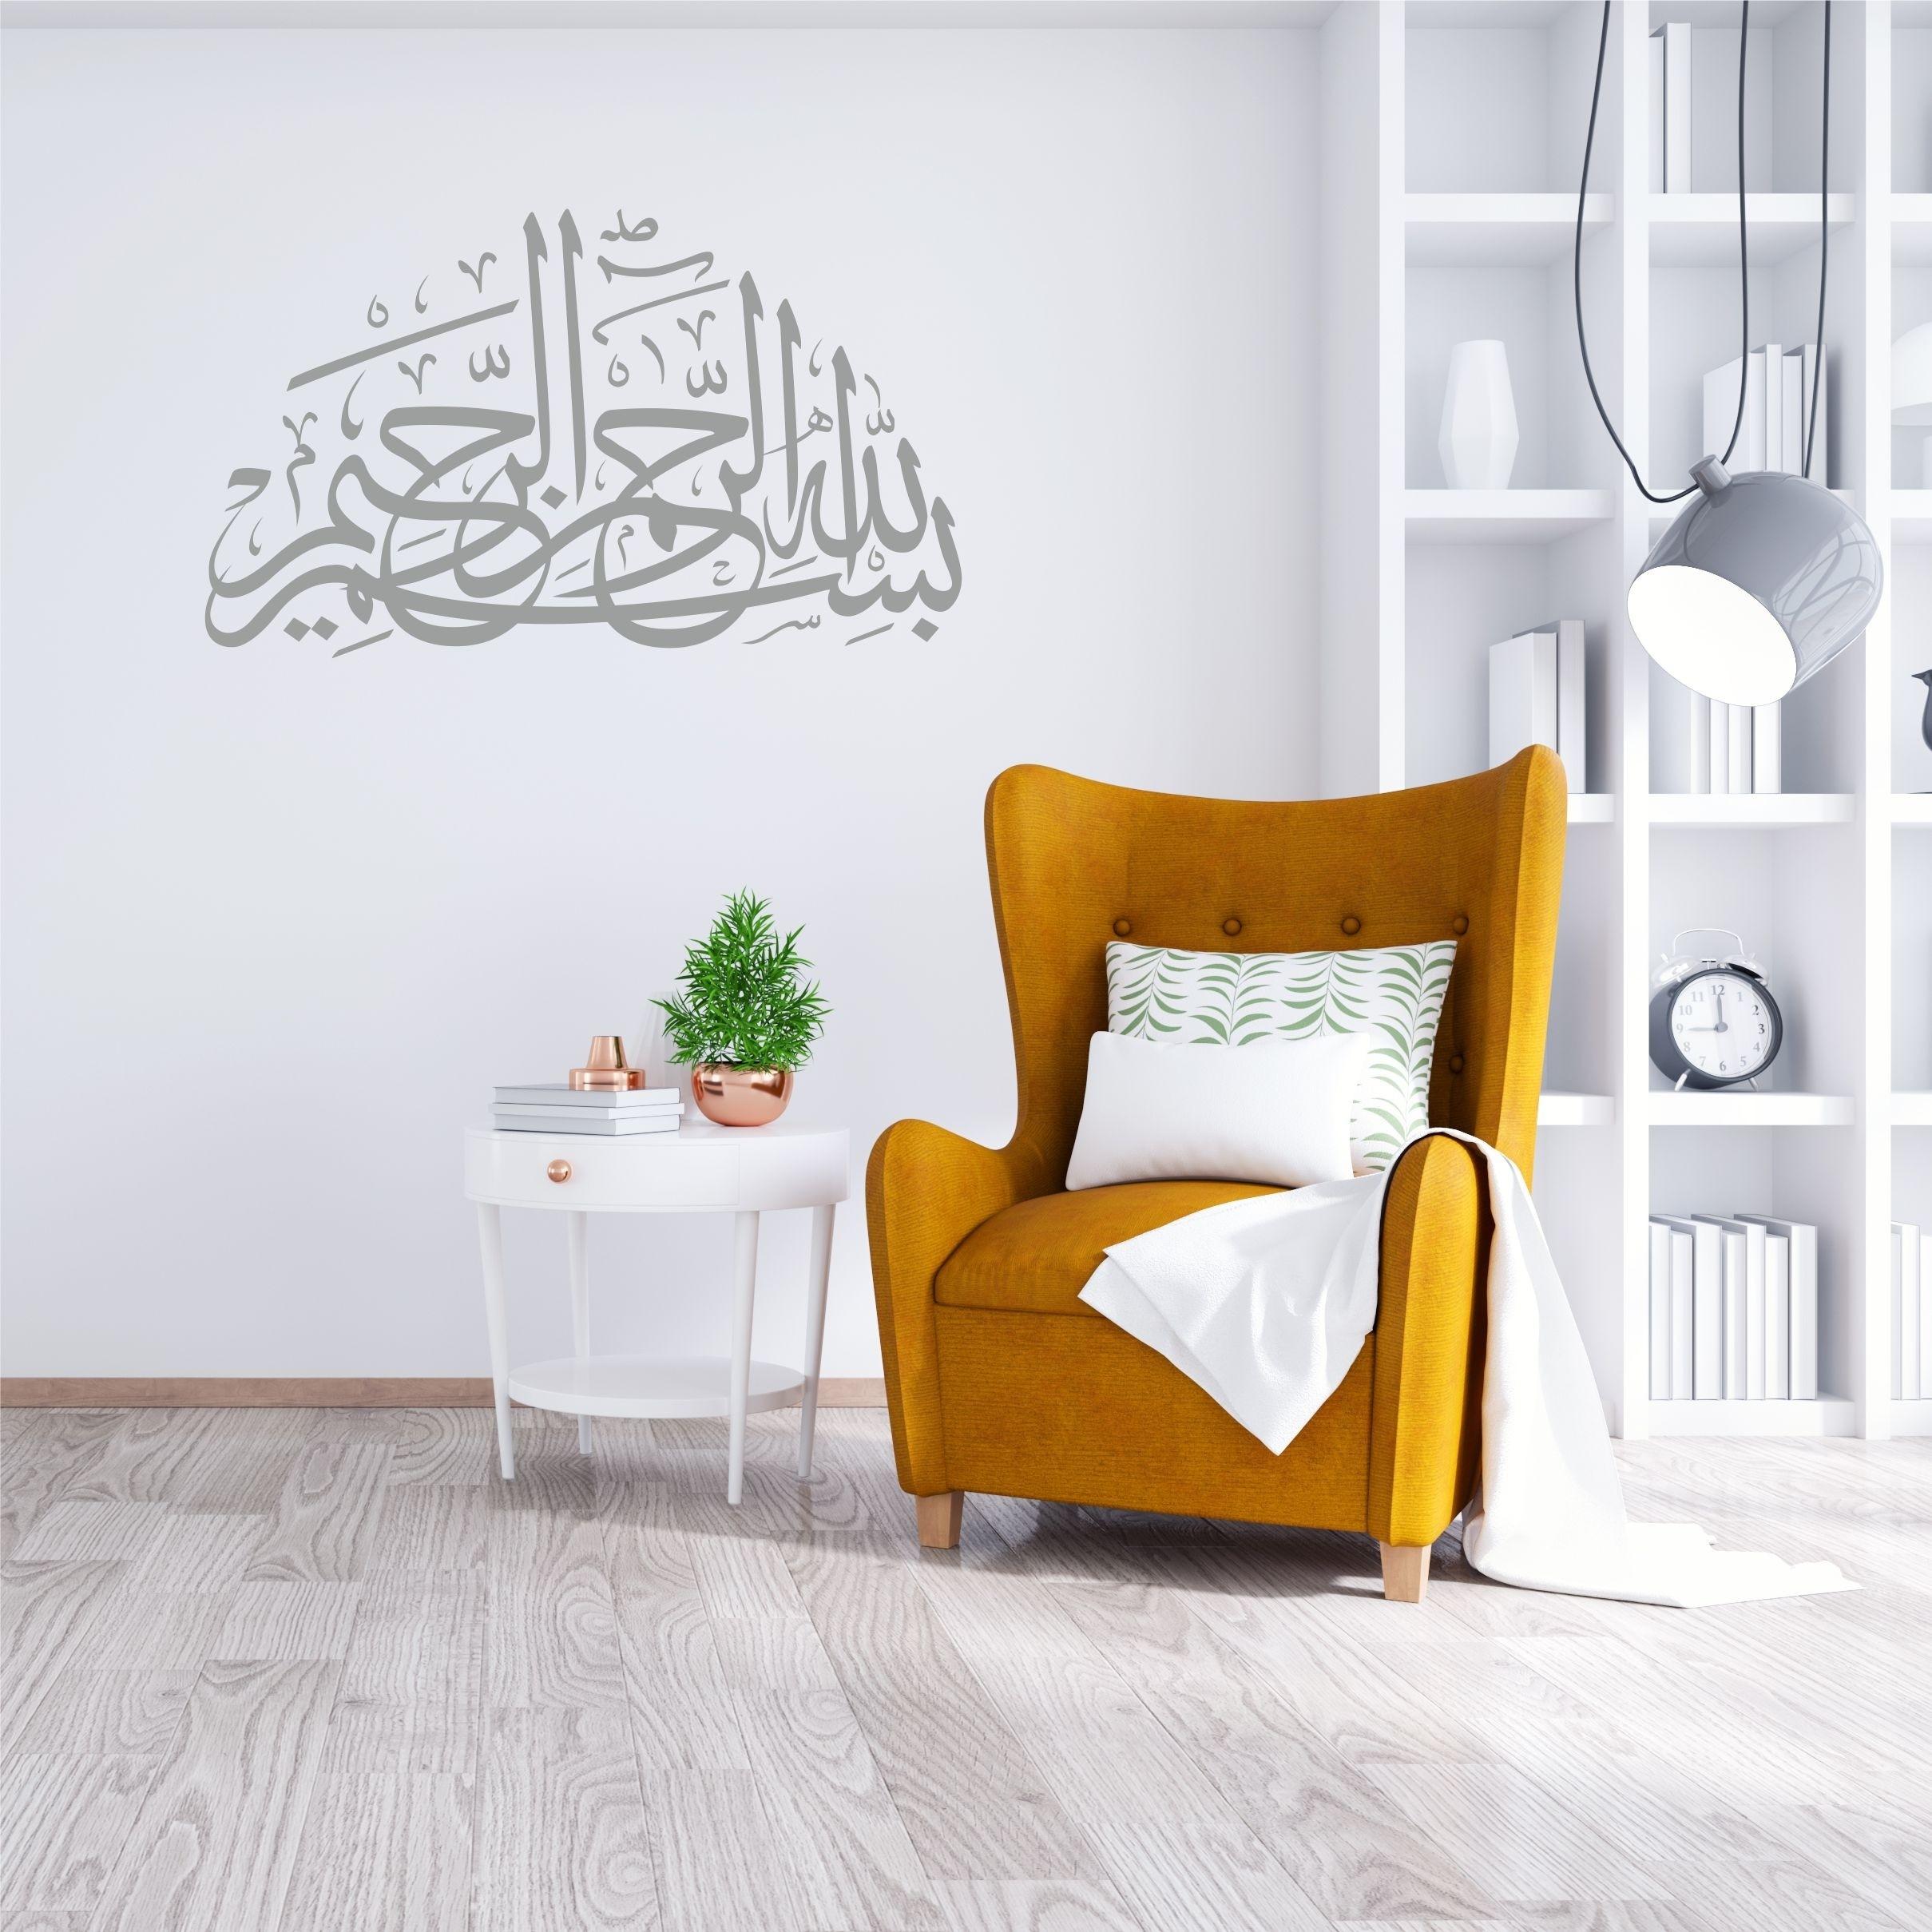 Islamic Wall art stickers